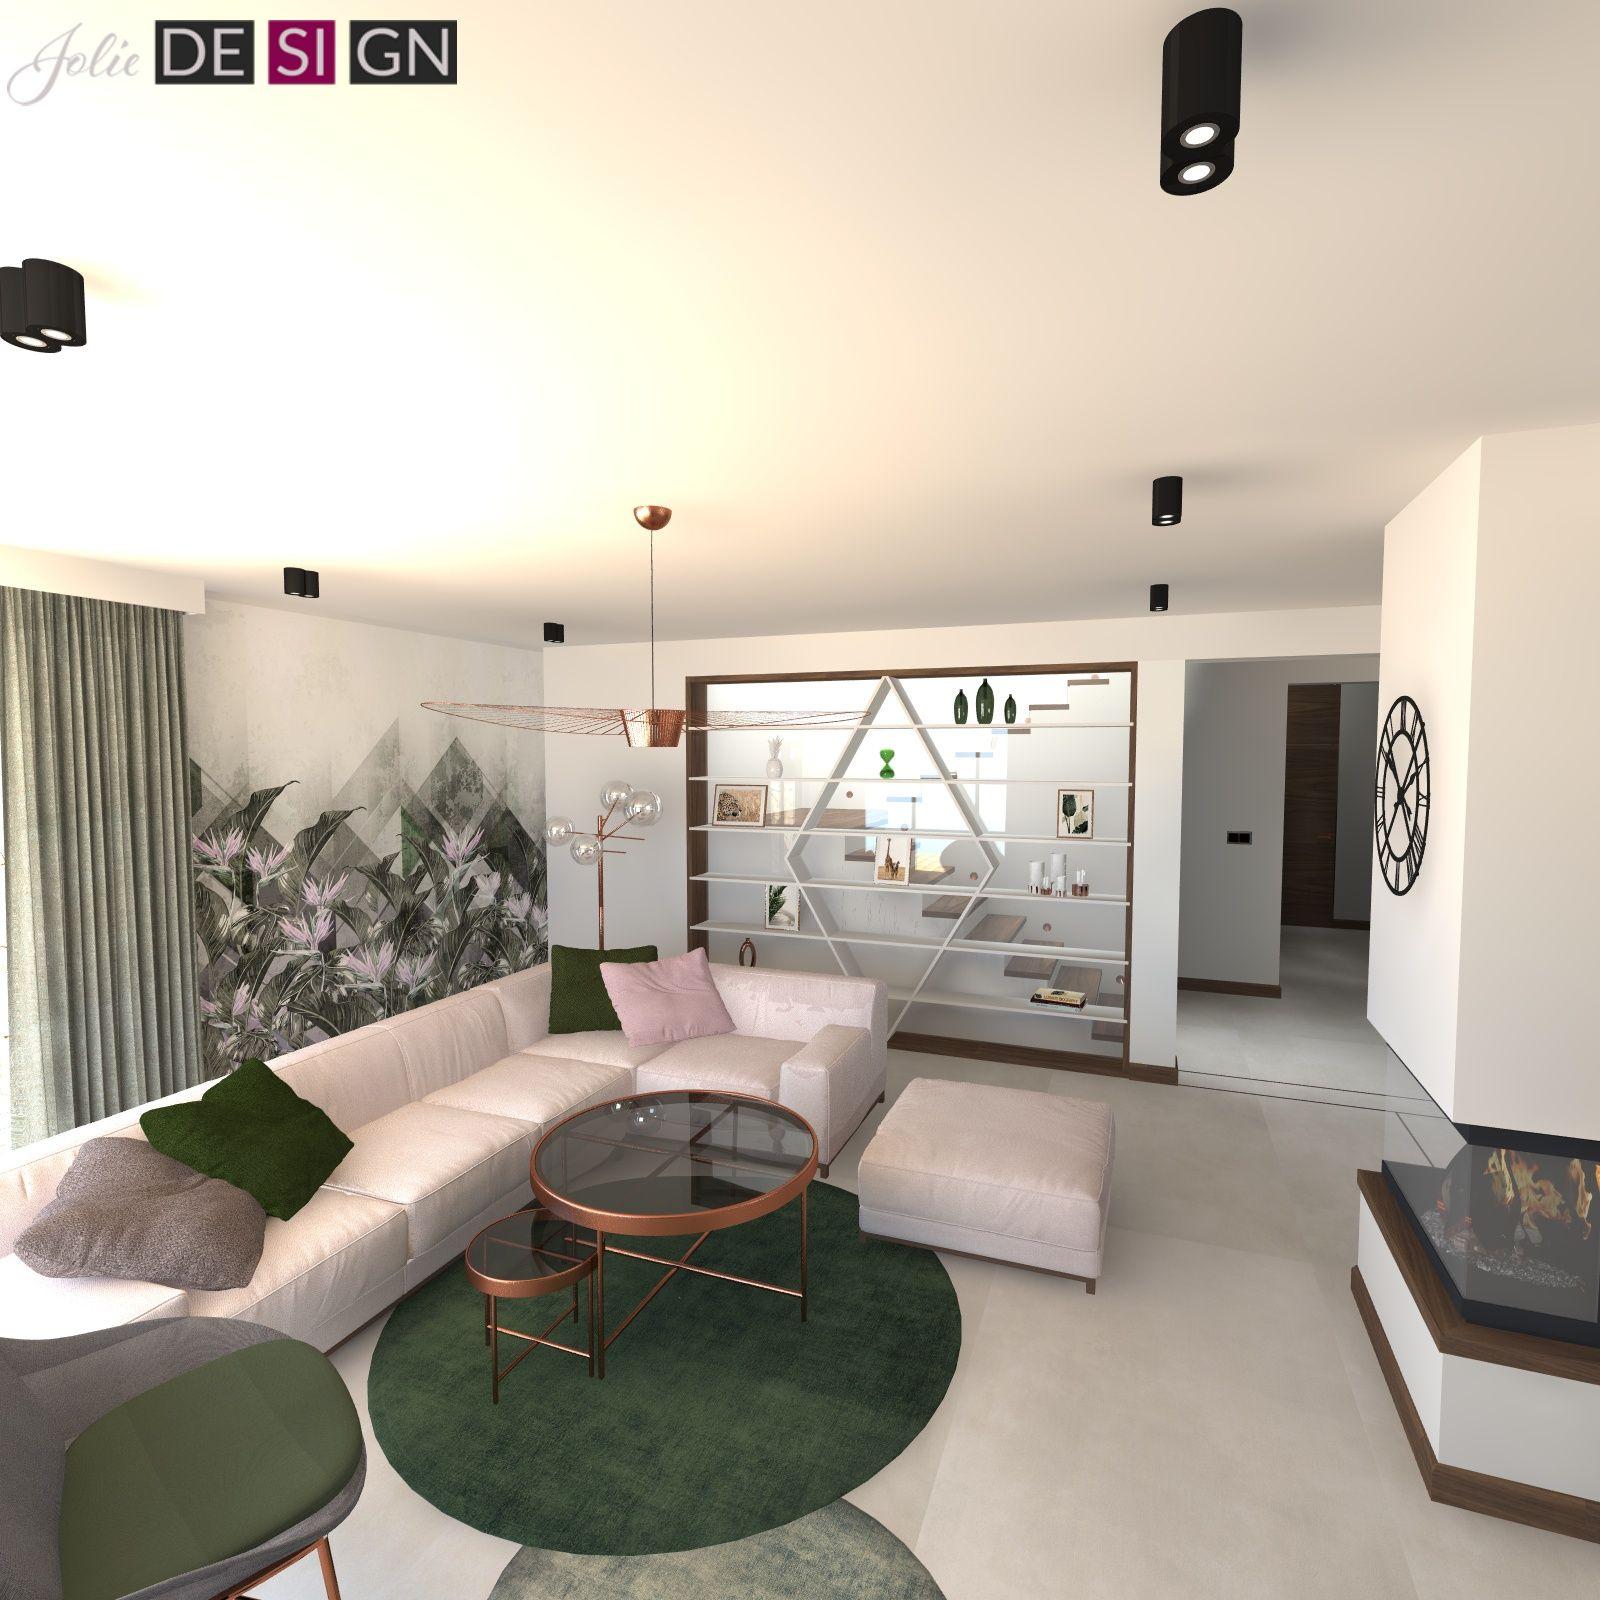 salon z sofą i okrągłym dywanem